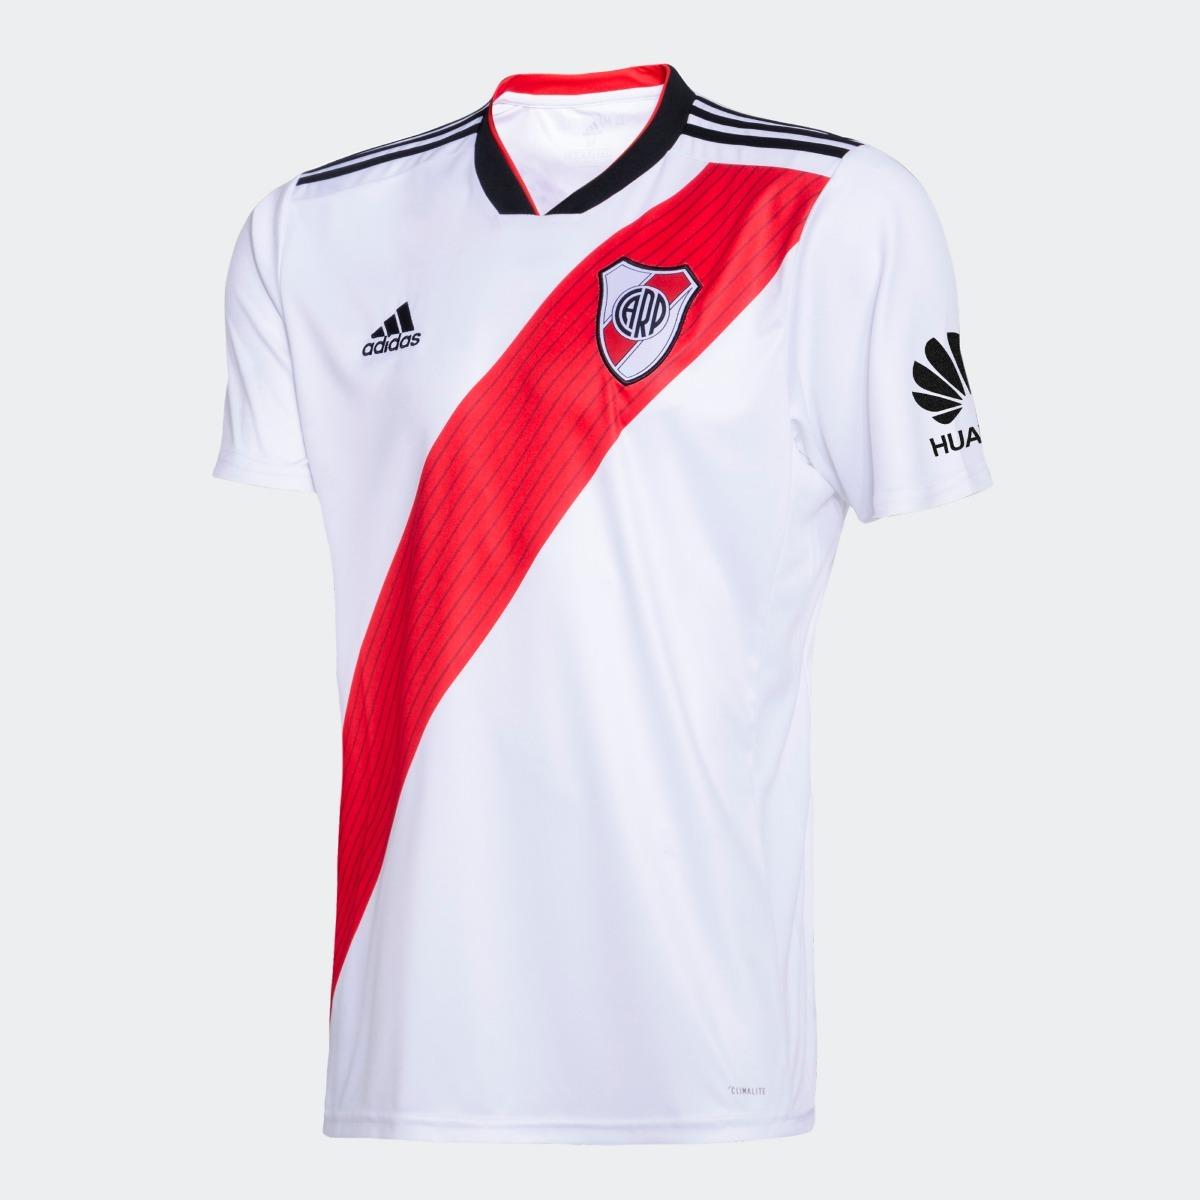 camiseta adidas river plate 2019 titular climalite original! Cargando zoom. 0f671e8207d34